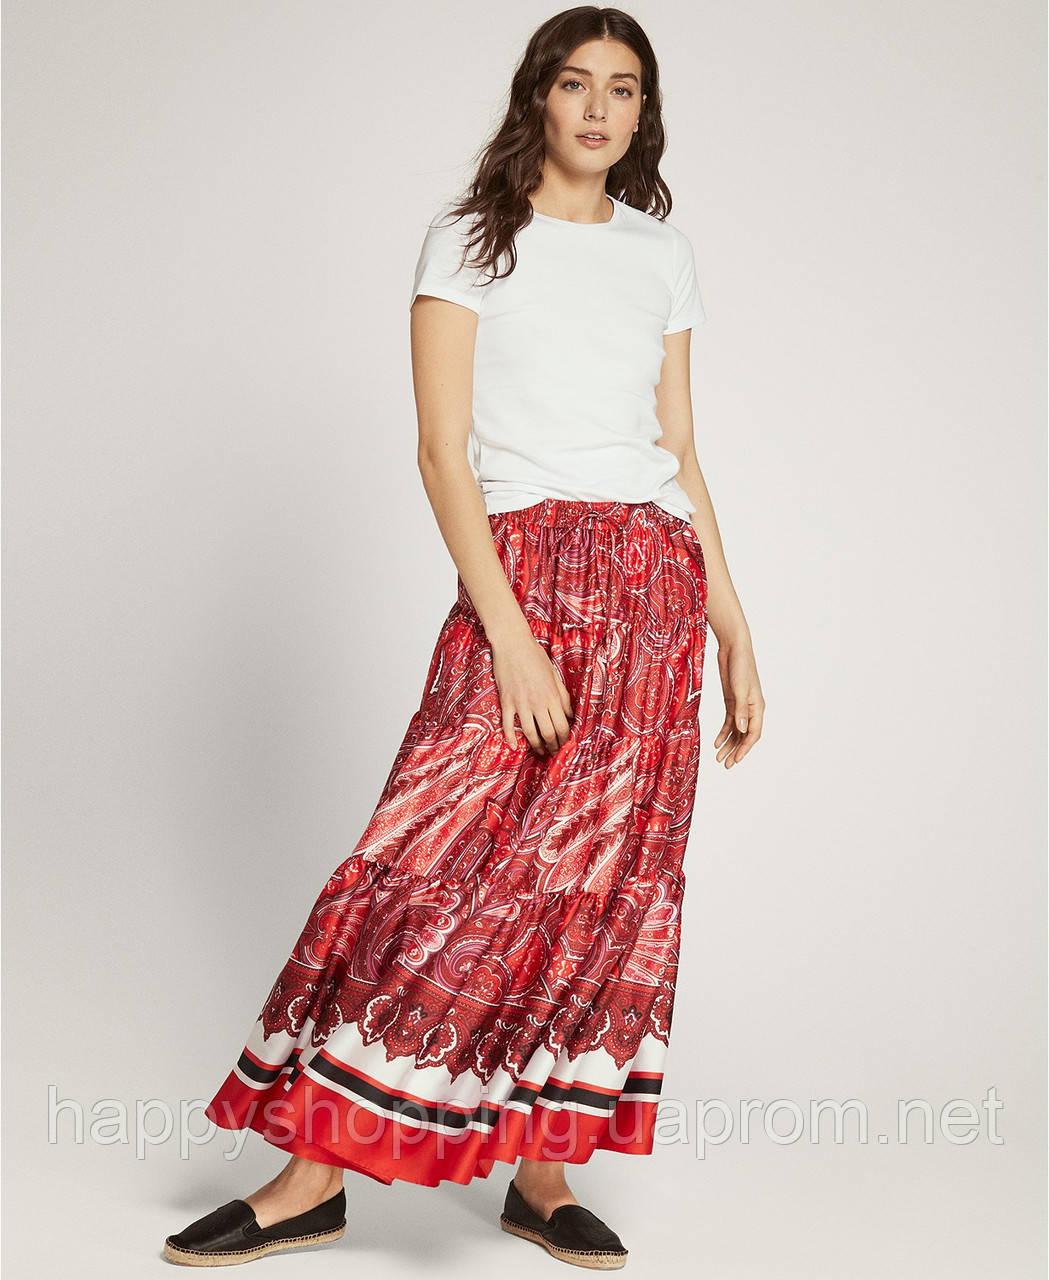 Женская оригинальная стильная красная миди юбка с принтом Ralph Lauren